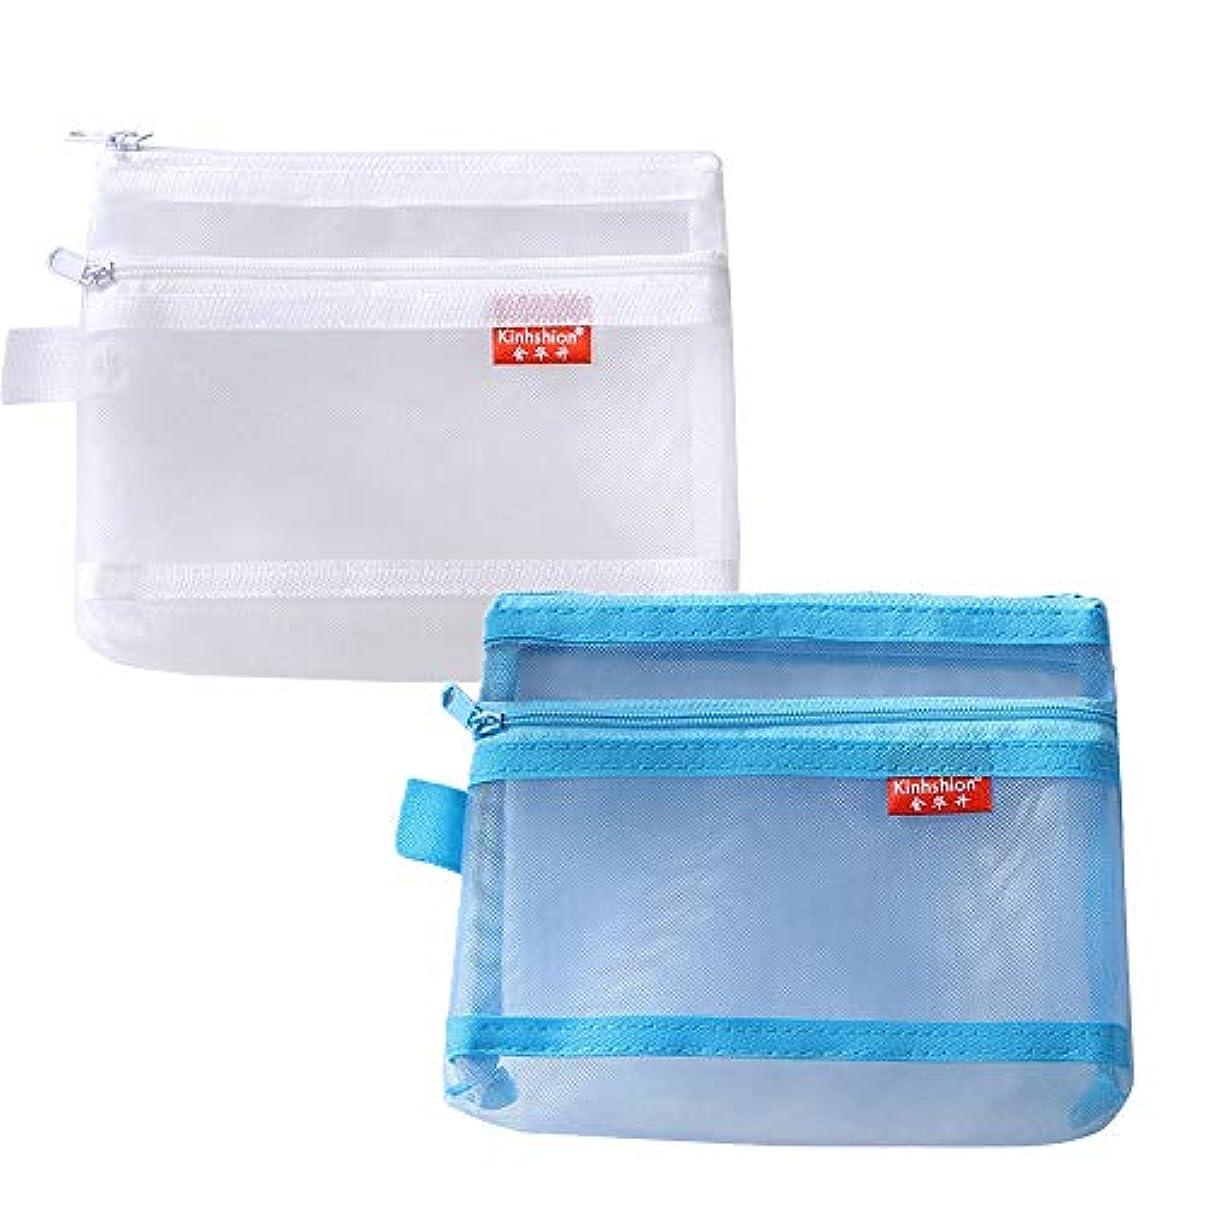 その結果洗うサーバメッシュジッパーポーチ二重層ジッパーバッグクリアポーチ小さなオーガナイザーバッグジッパーフォルダーバッグ化粧品バッグ旅行収納バッグ